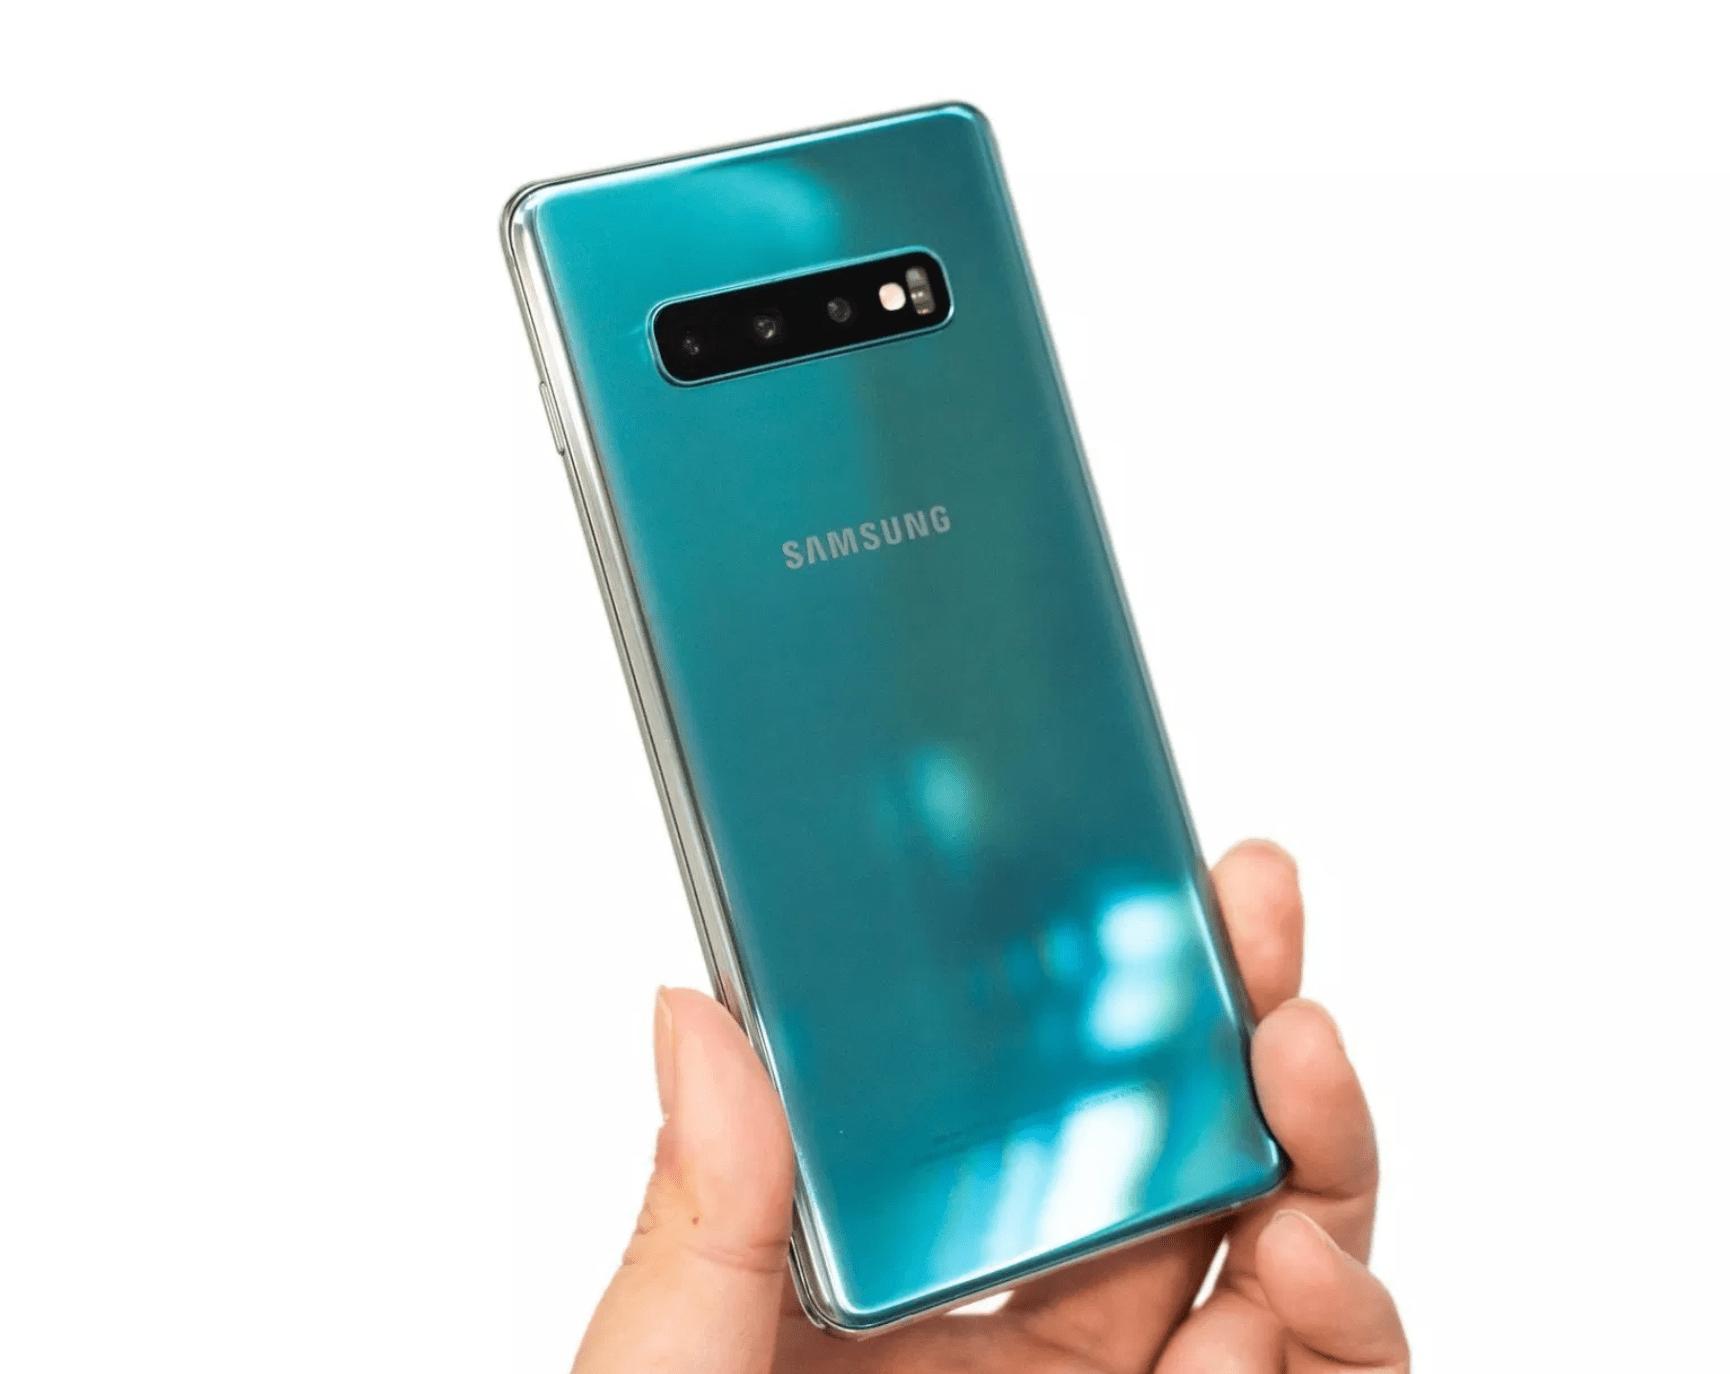 是台灣可用嗎?港版 Galaxy S10+ 常見問題(4G 支援 / CA 載波聚合 / 行動支付)這篇文章的首圖